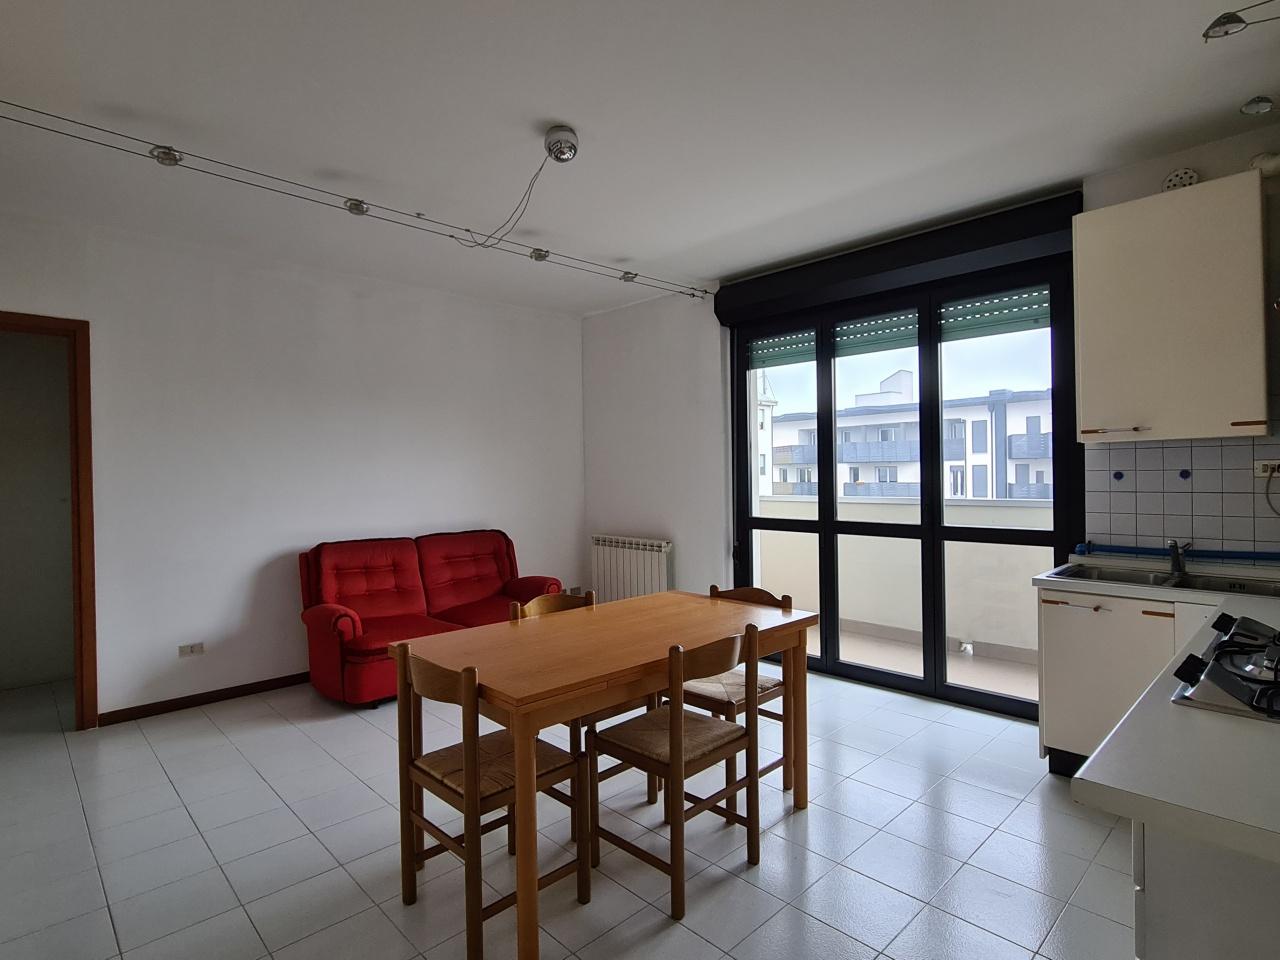 Appartamento in vendita a Treviglio, 2 locali, prezzo € 105.000   CambioCasa.it